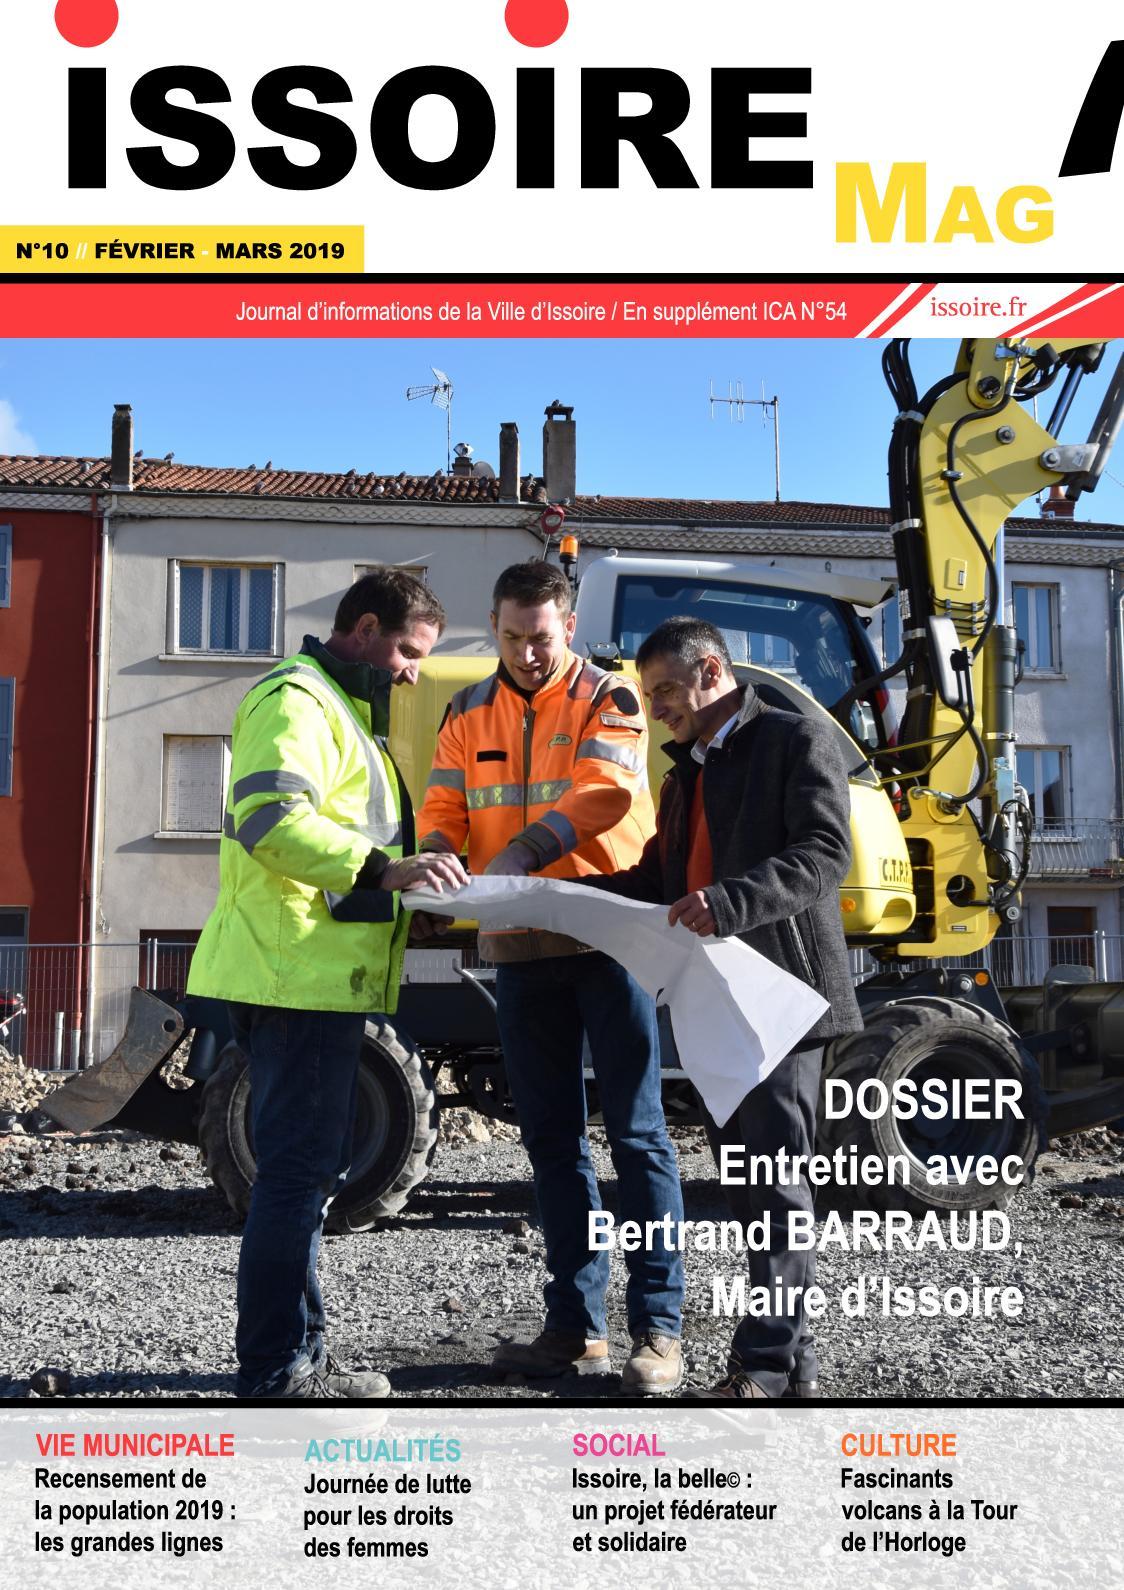 Issoire Mag' 10 Calaméo Mars 2019 Février 8OkX0wPn